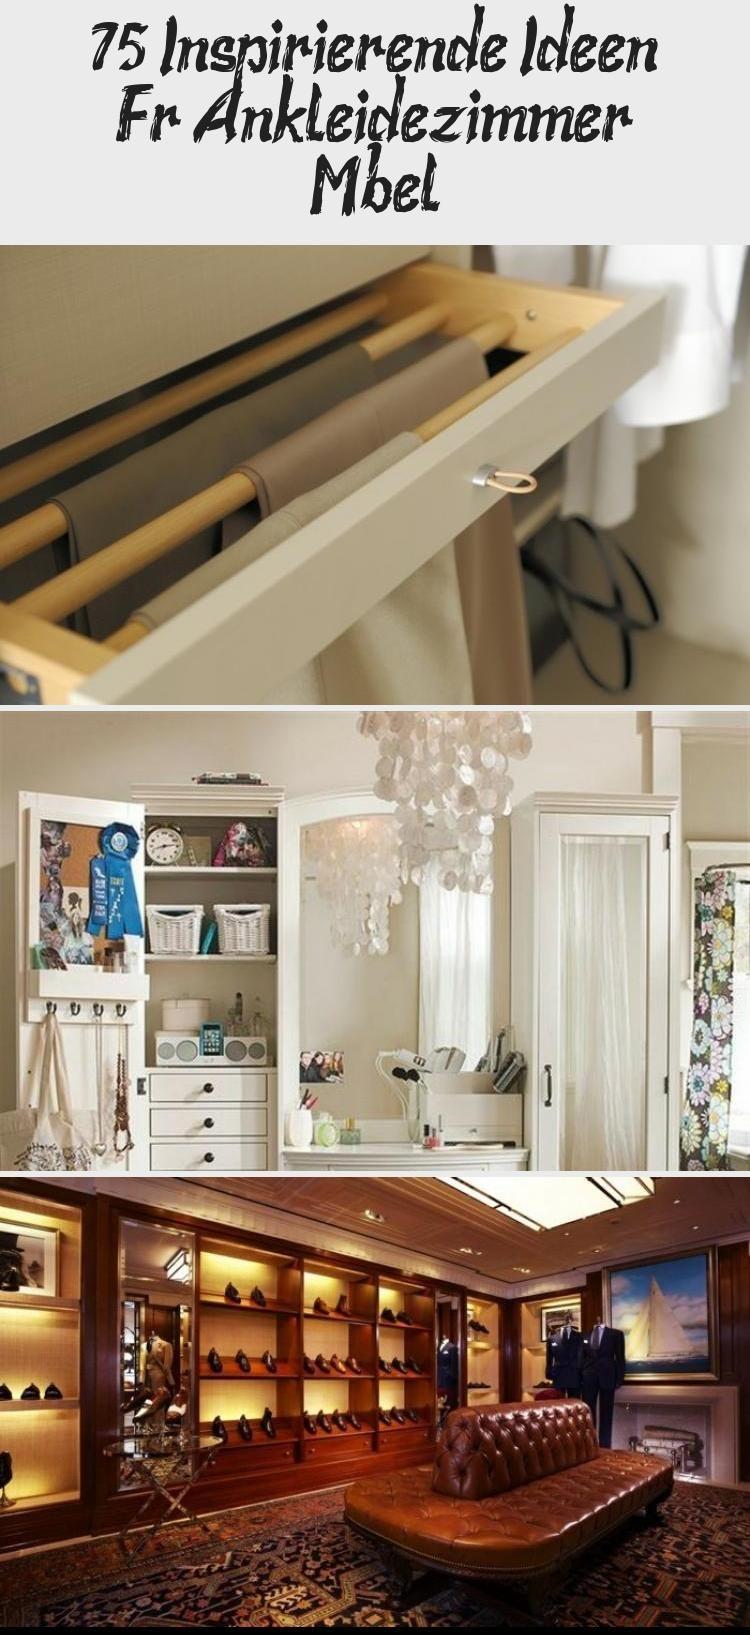 Ankleidezimmer Planen Schminktisch Mit Stuhl Deko Frische Blumen Dekoration Zimmer Lampe Dekorationjugendzimmer In 2020 Home Decor Home Decor